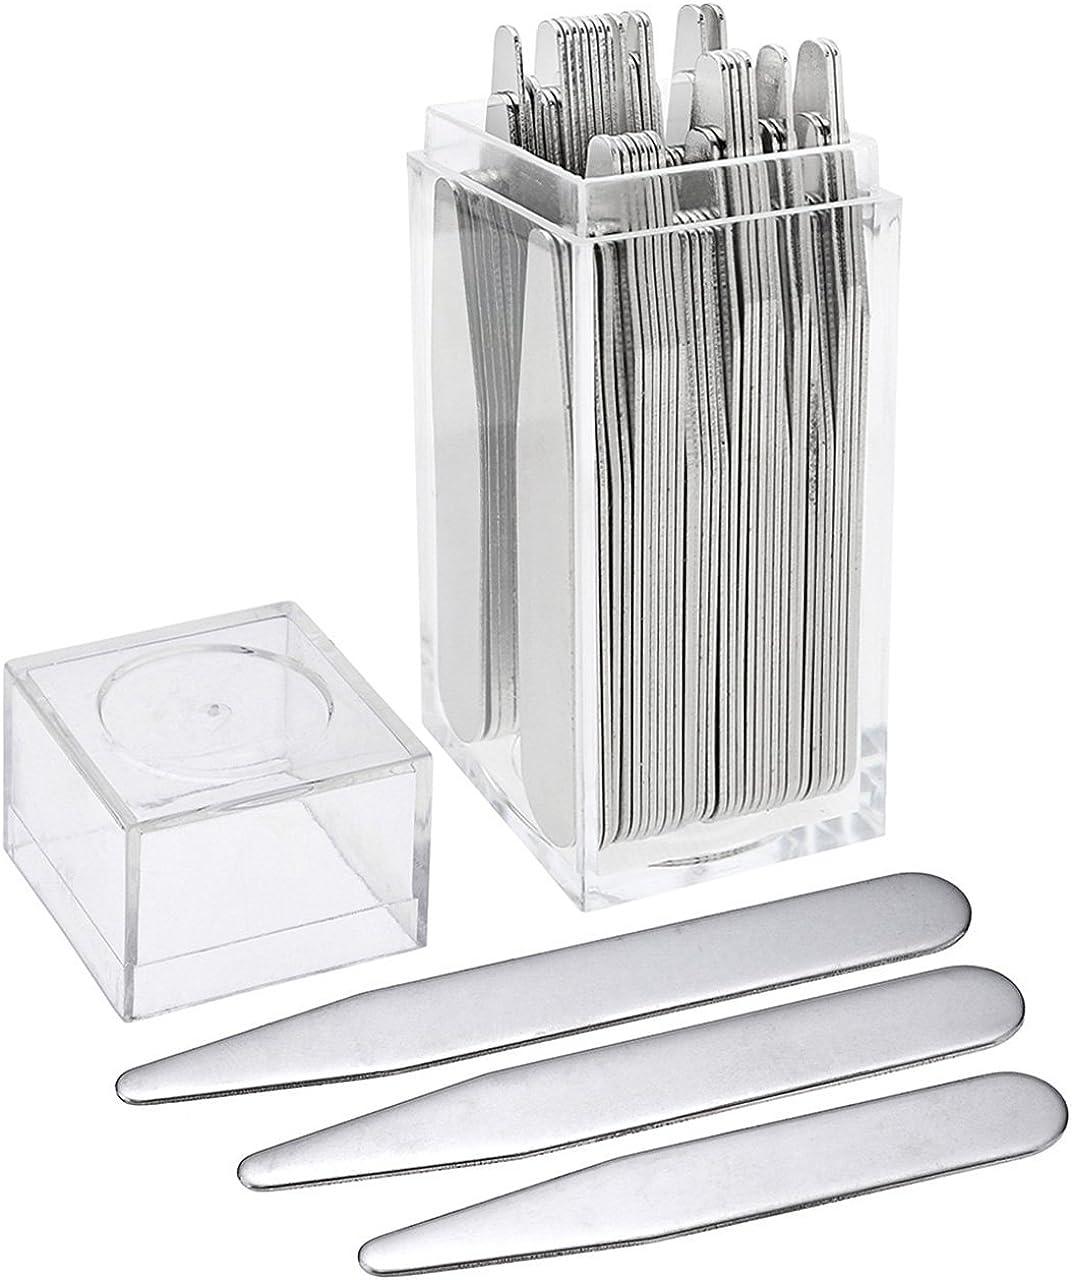 PiercingJ – Lote de 40/36 unidades de ballenas para cuello de camisa, de metal, varias tallas, en caja